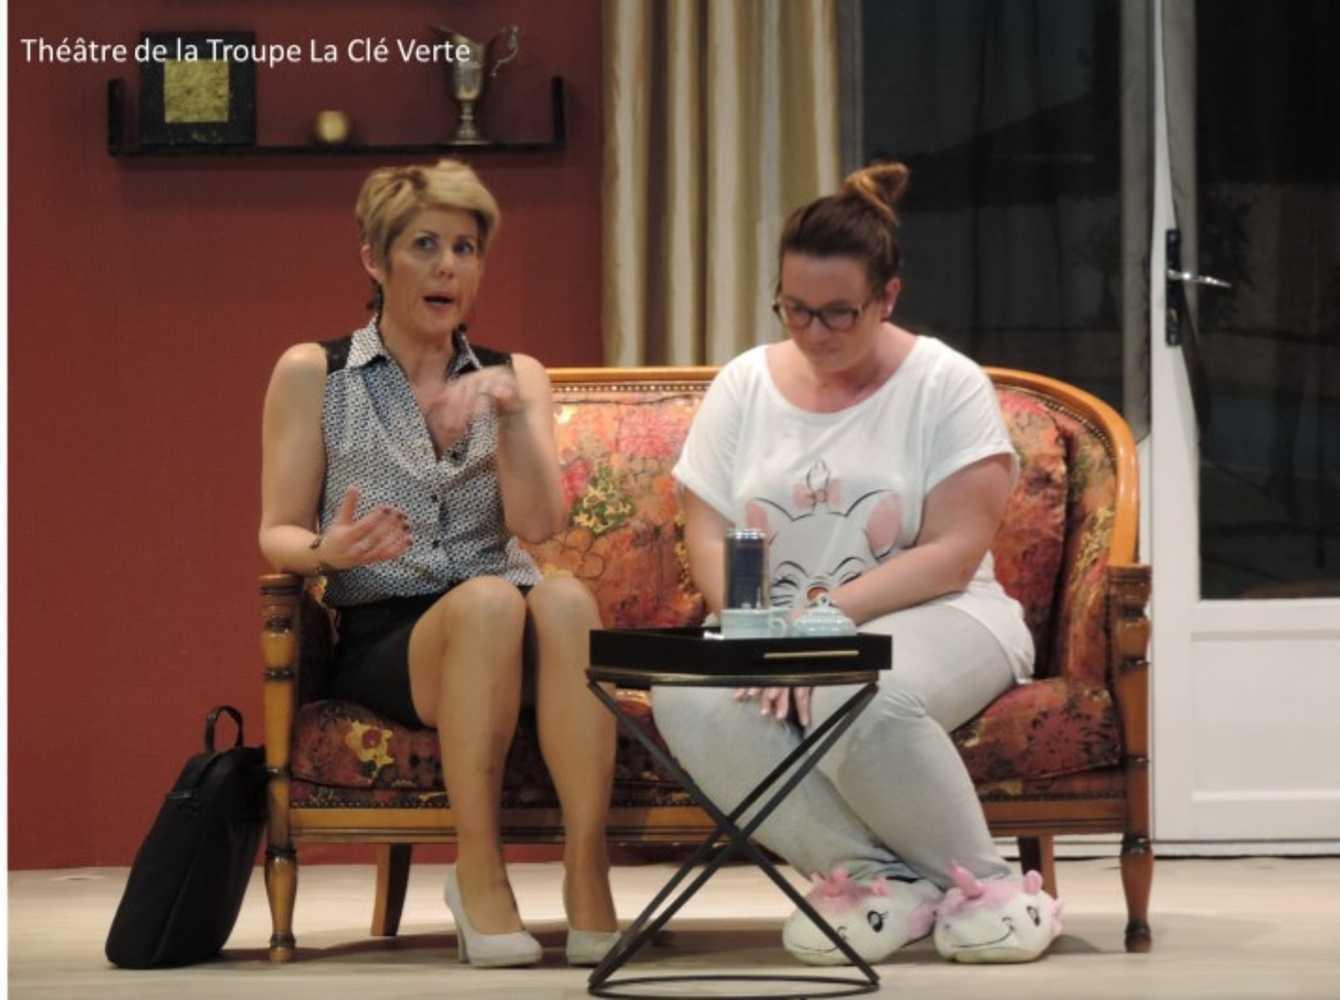 Troupe de théâtre la Clé Verte : photos des représentations image6